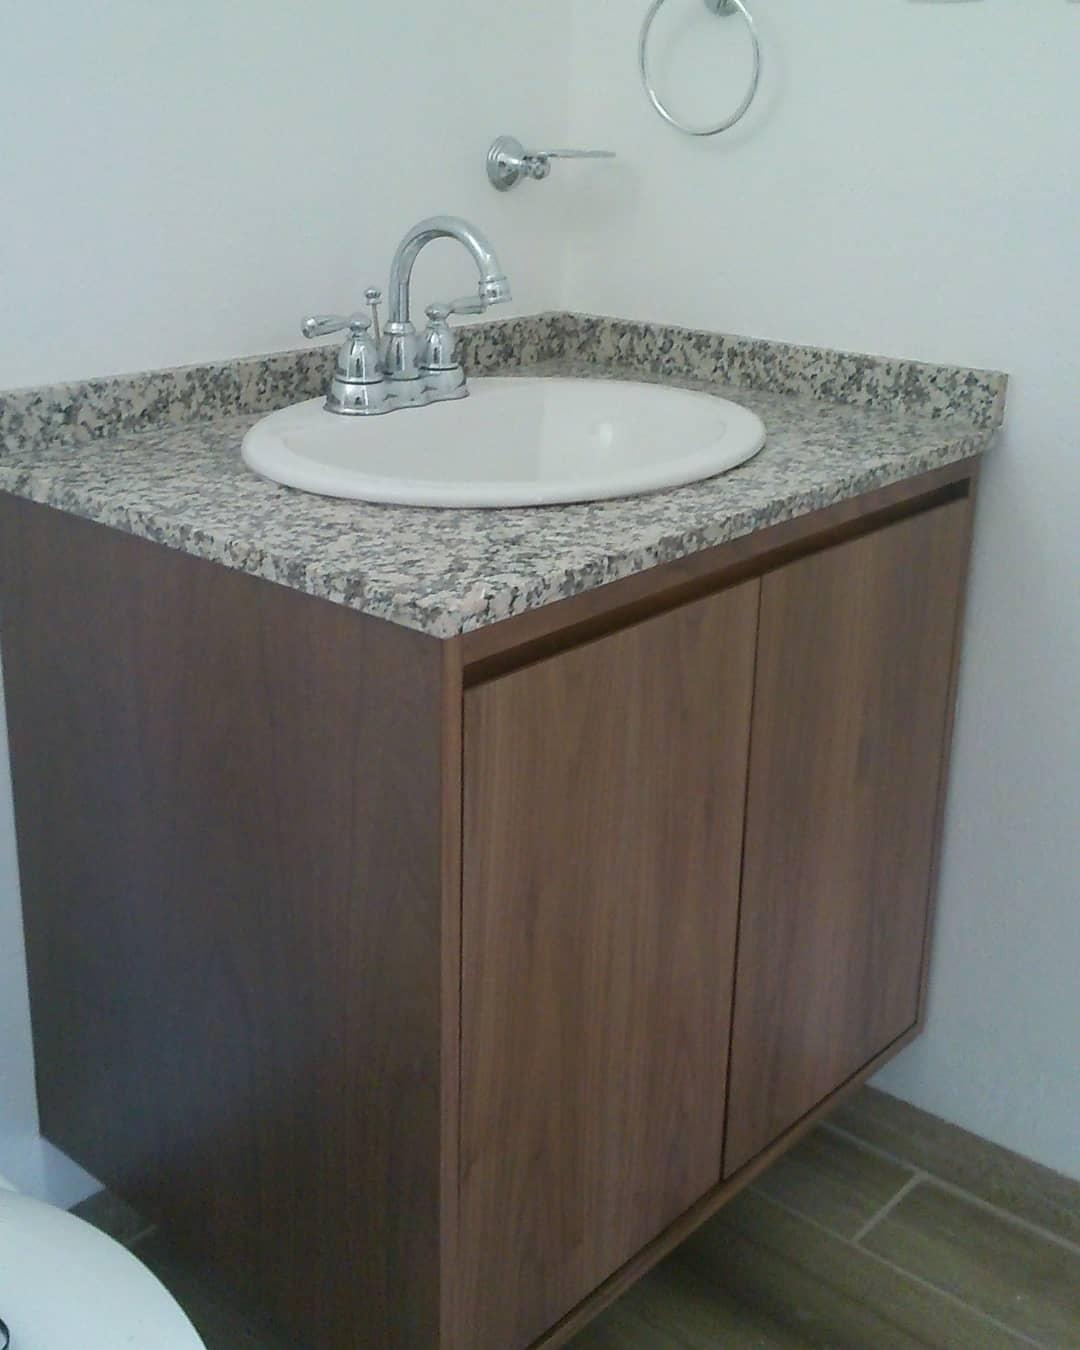 Armário de banheiro de nogueira #nogal # decoração de interiores # style anddesign # bathroom #decora ...